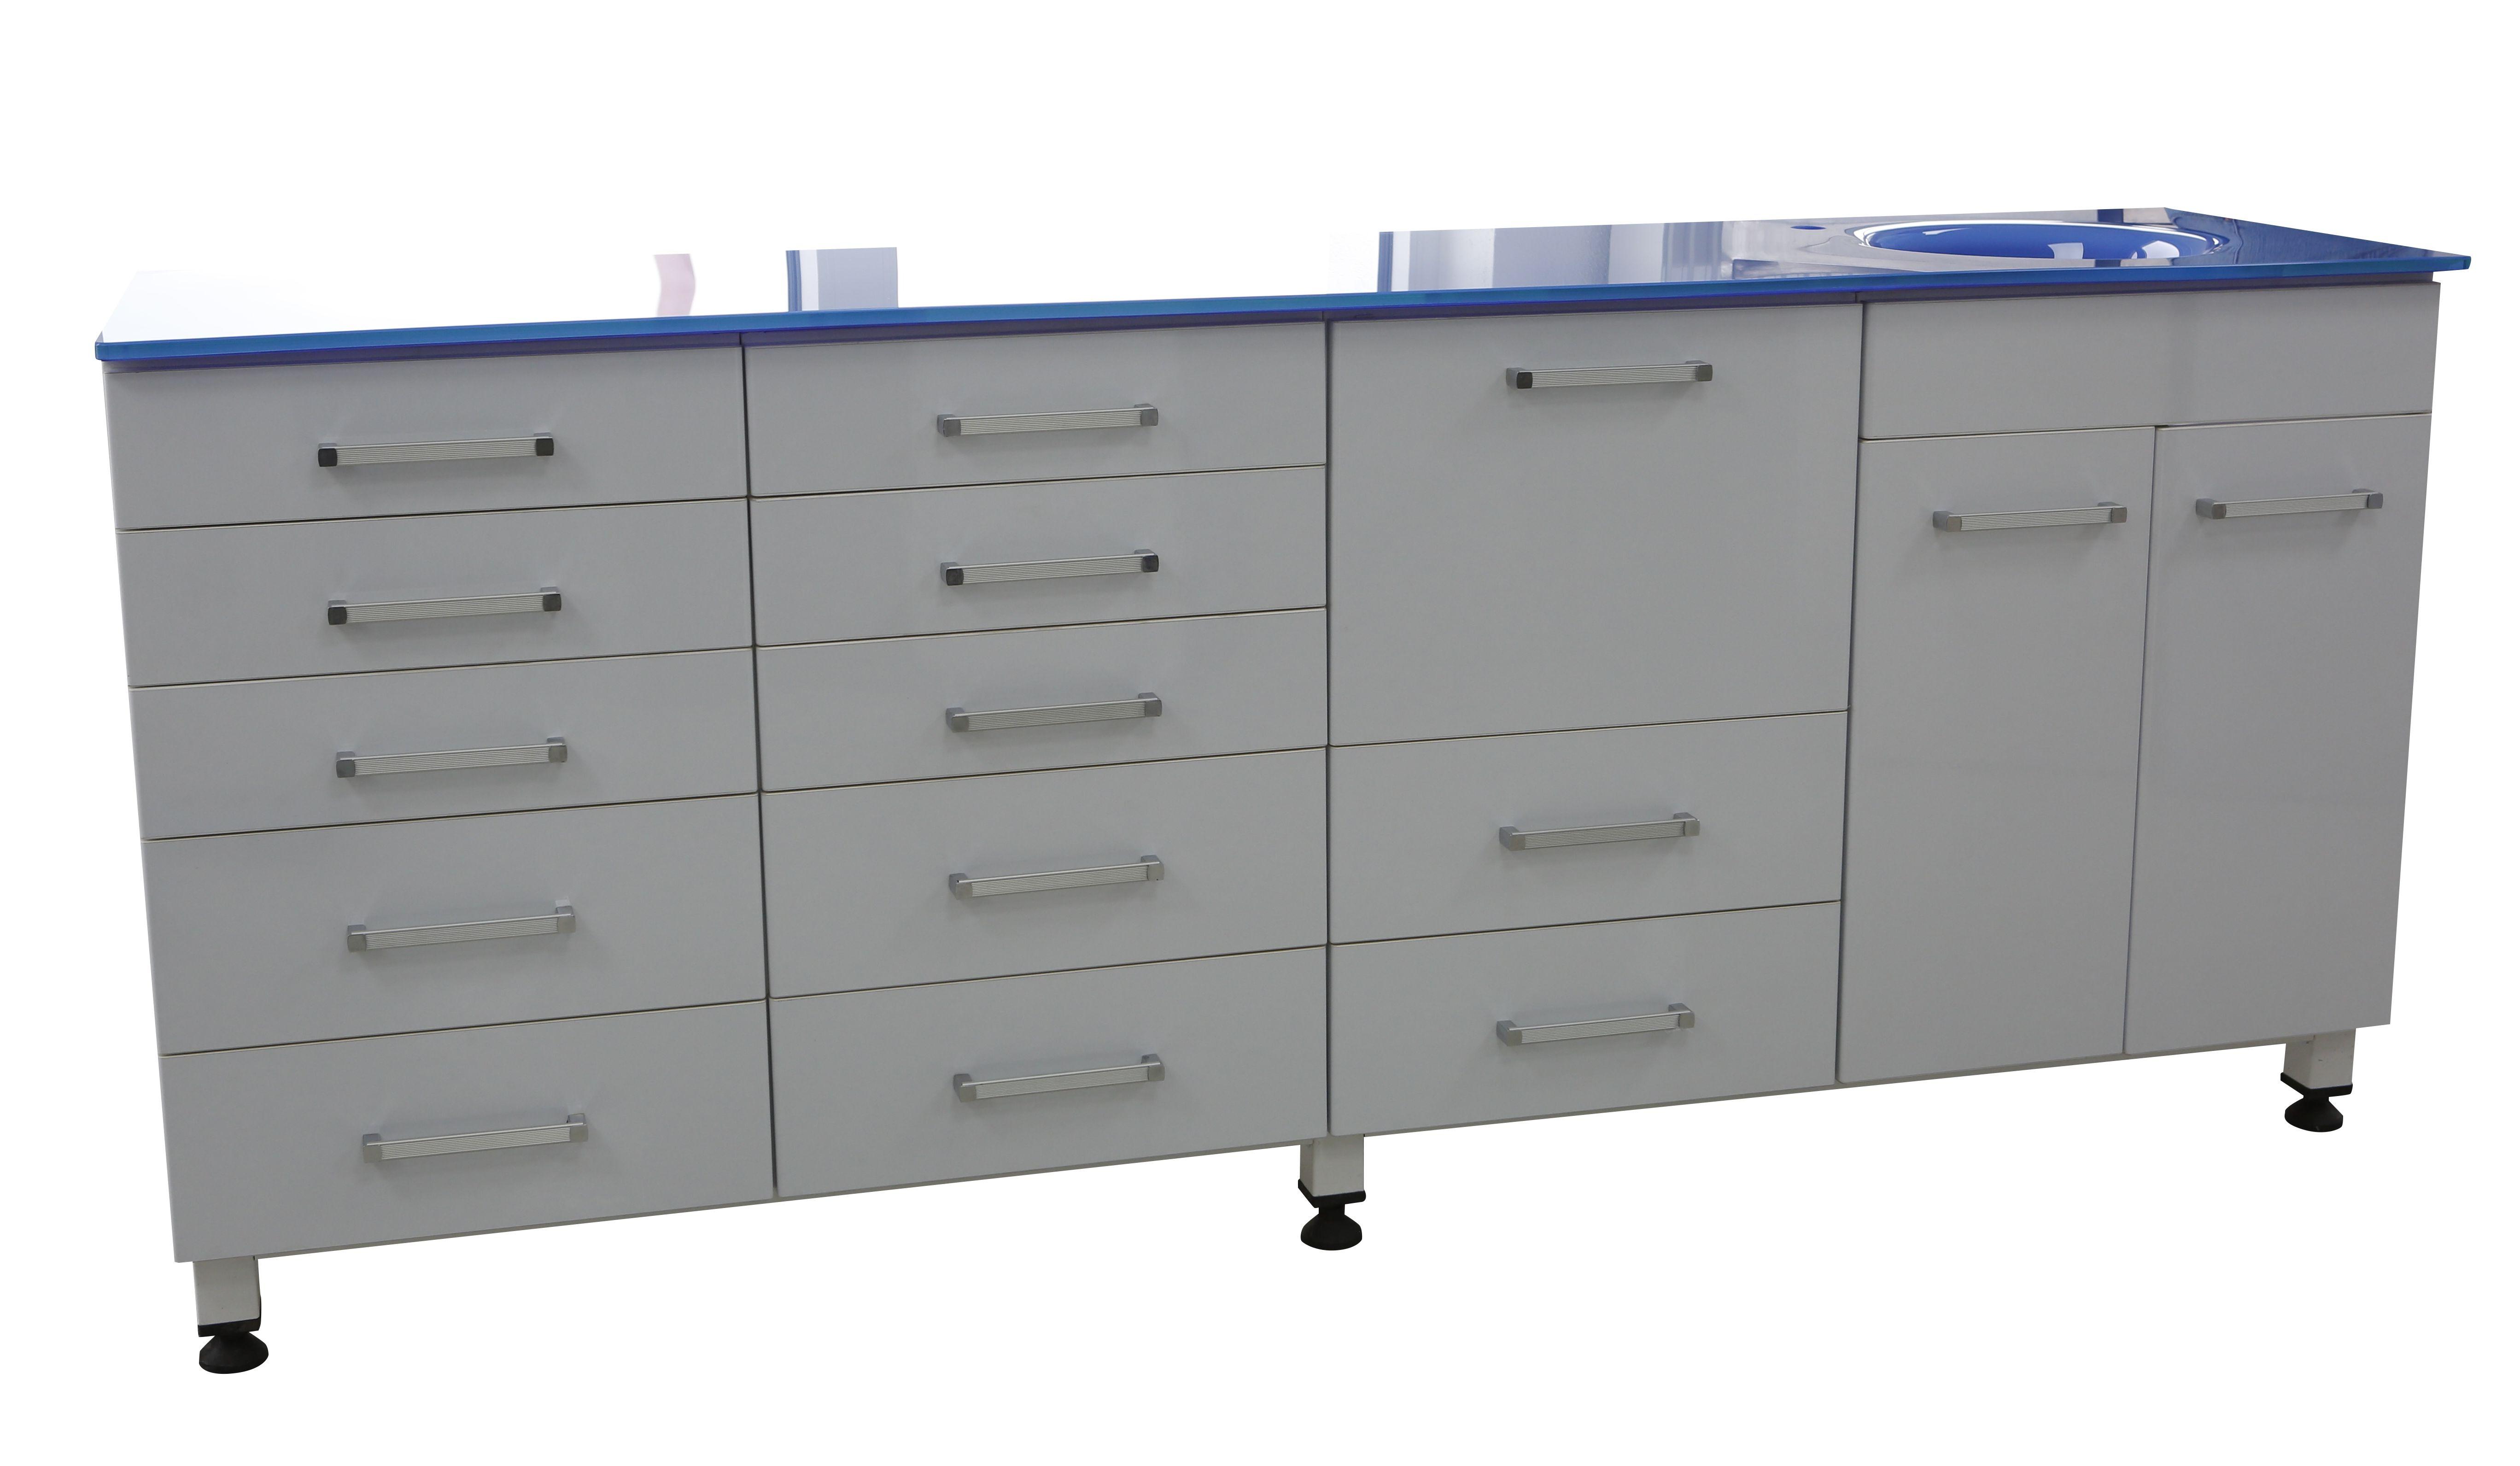 Behandlungszeile / Instrumentenschrank / Schrankzeile + Waschbecken - neu